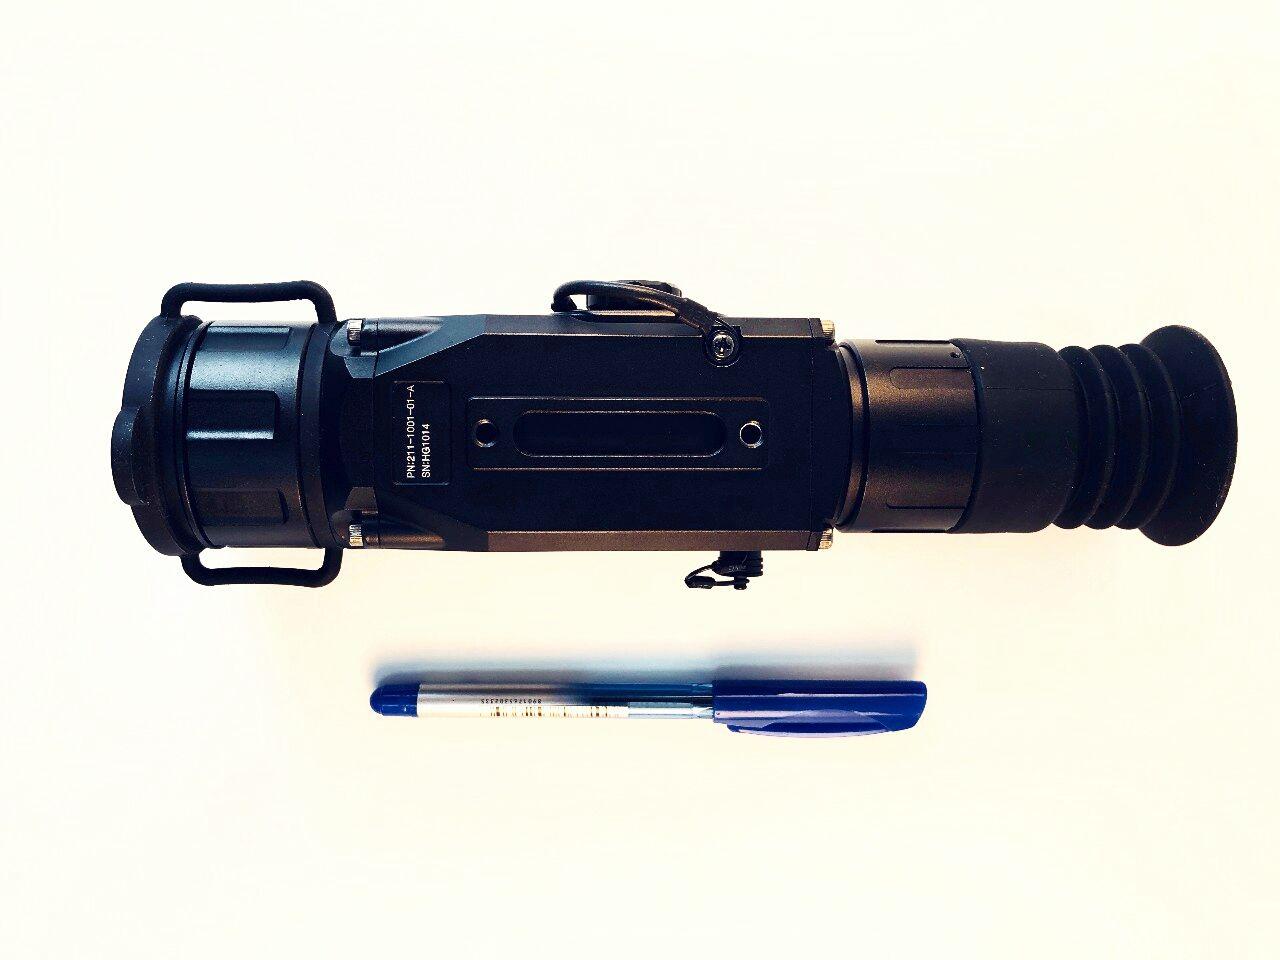 фотография тепловизионного охотничьего прицела iRay XSight SH-50